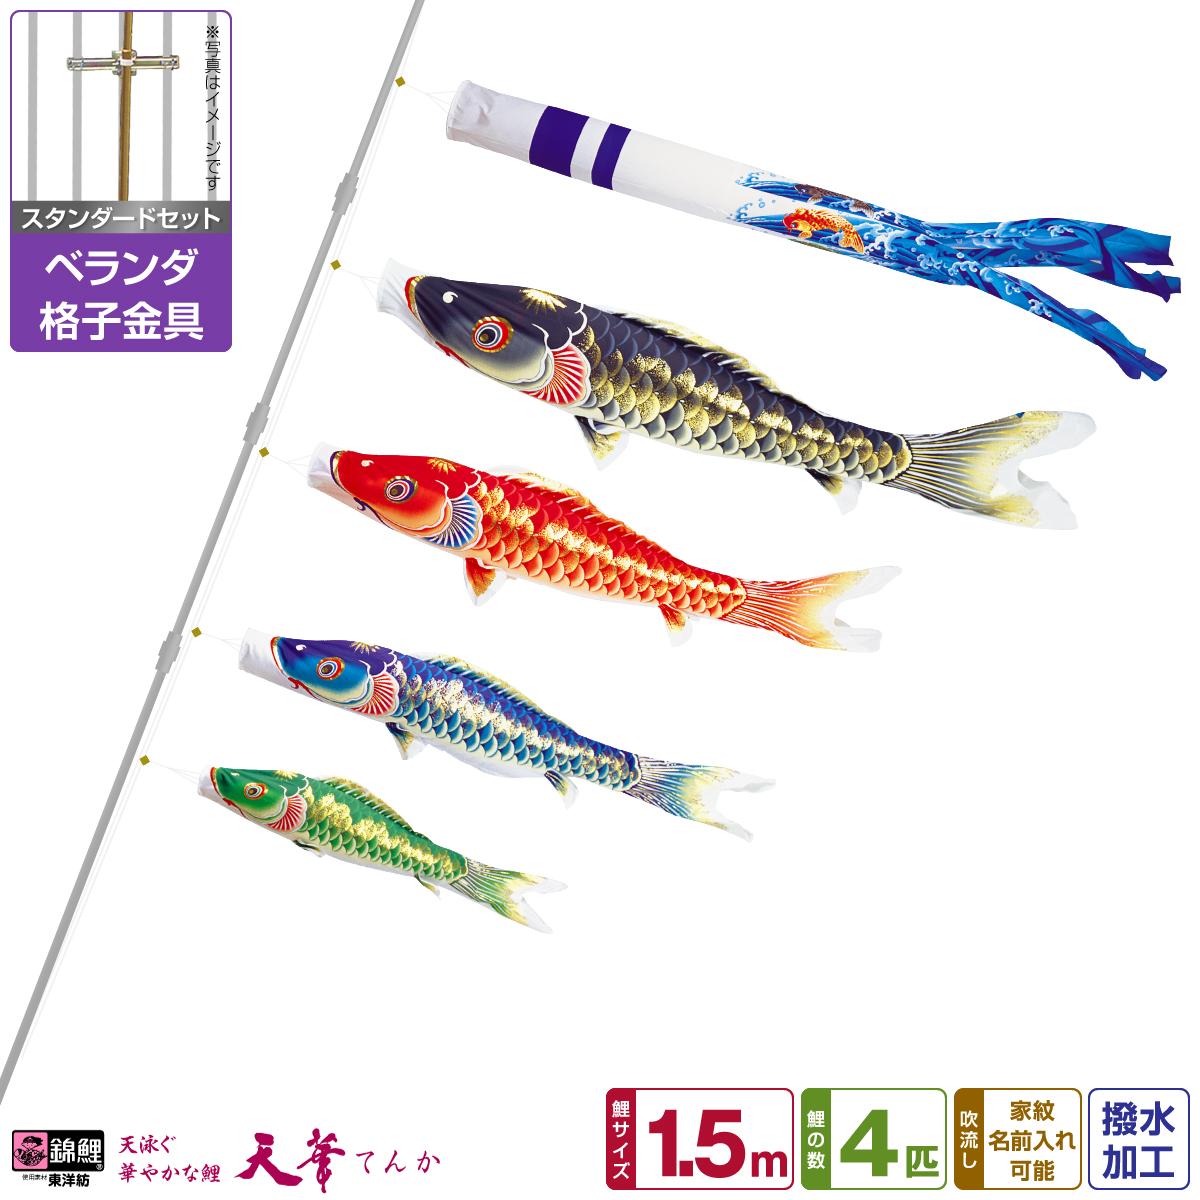 ベランダ用 こいのぼり 鯉のぼり 超撥水パールトーン採用 天華鯉 1.5m 7点(吹流し+鯉4匹+矢車+ロープ)/スタンダードセット(格子金具)